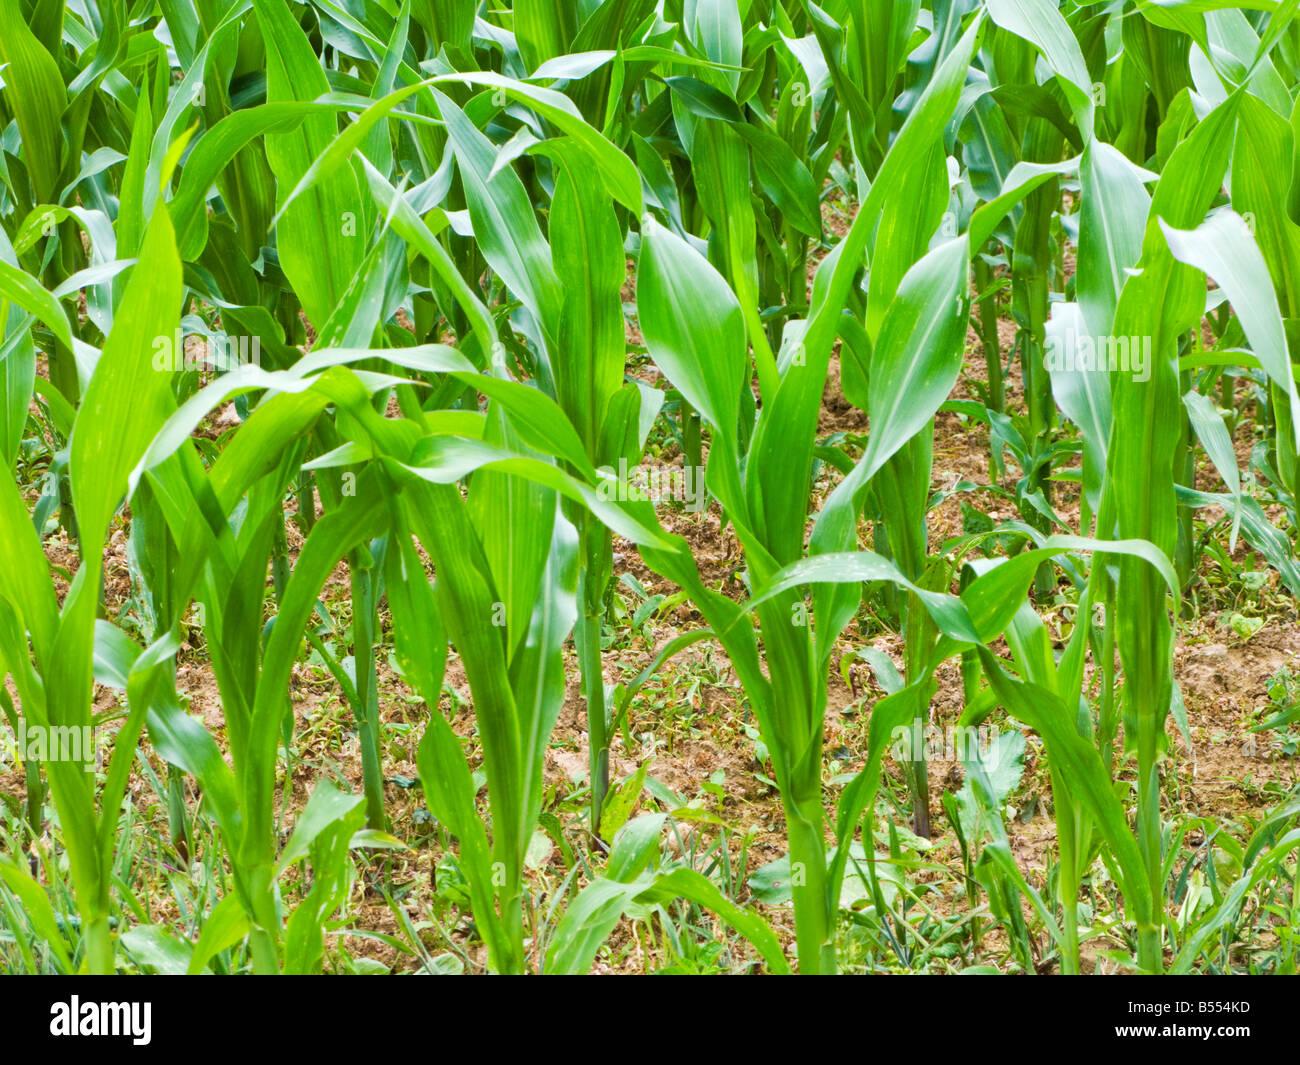 Nuove giovani piante di mais in estate che cresce in un campo in Francia Europa Immagini Stock